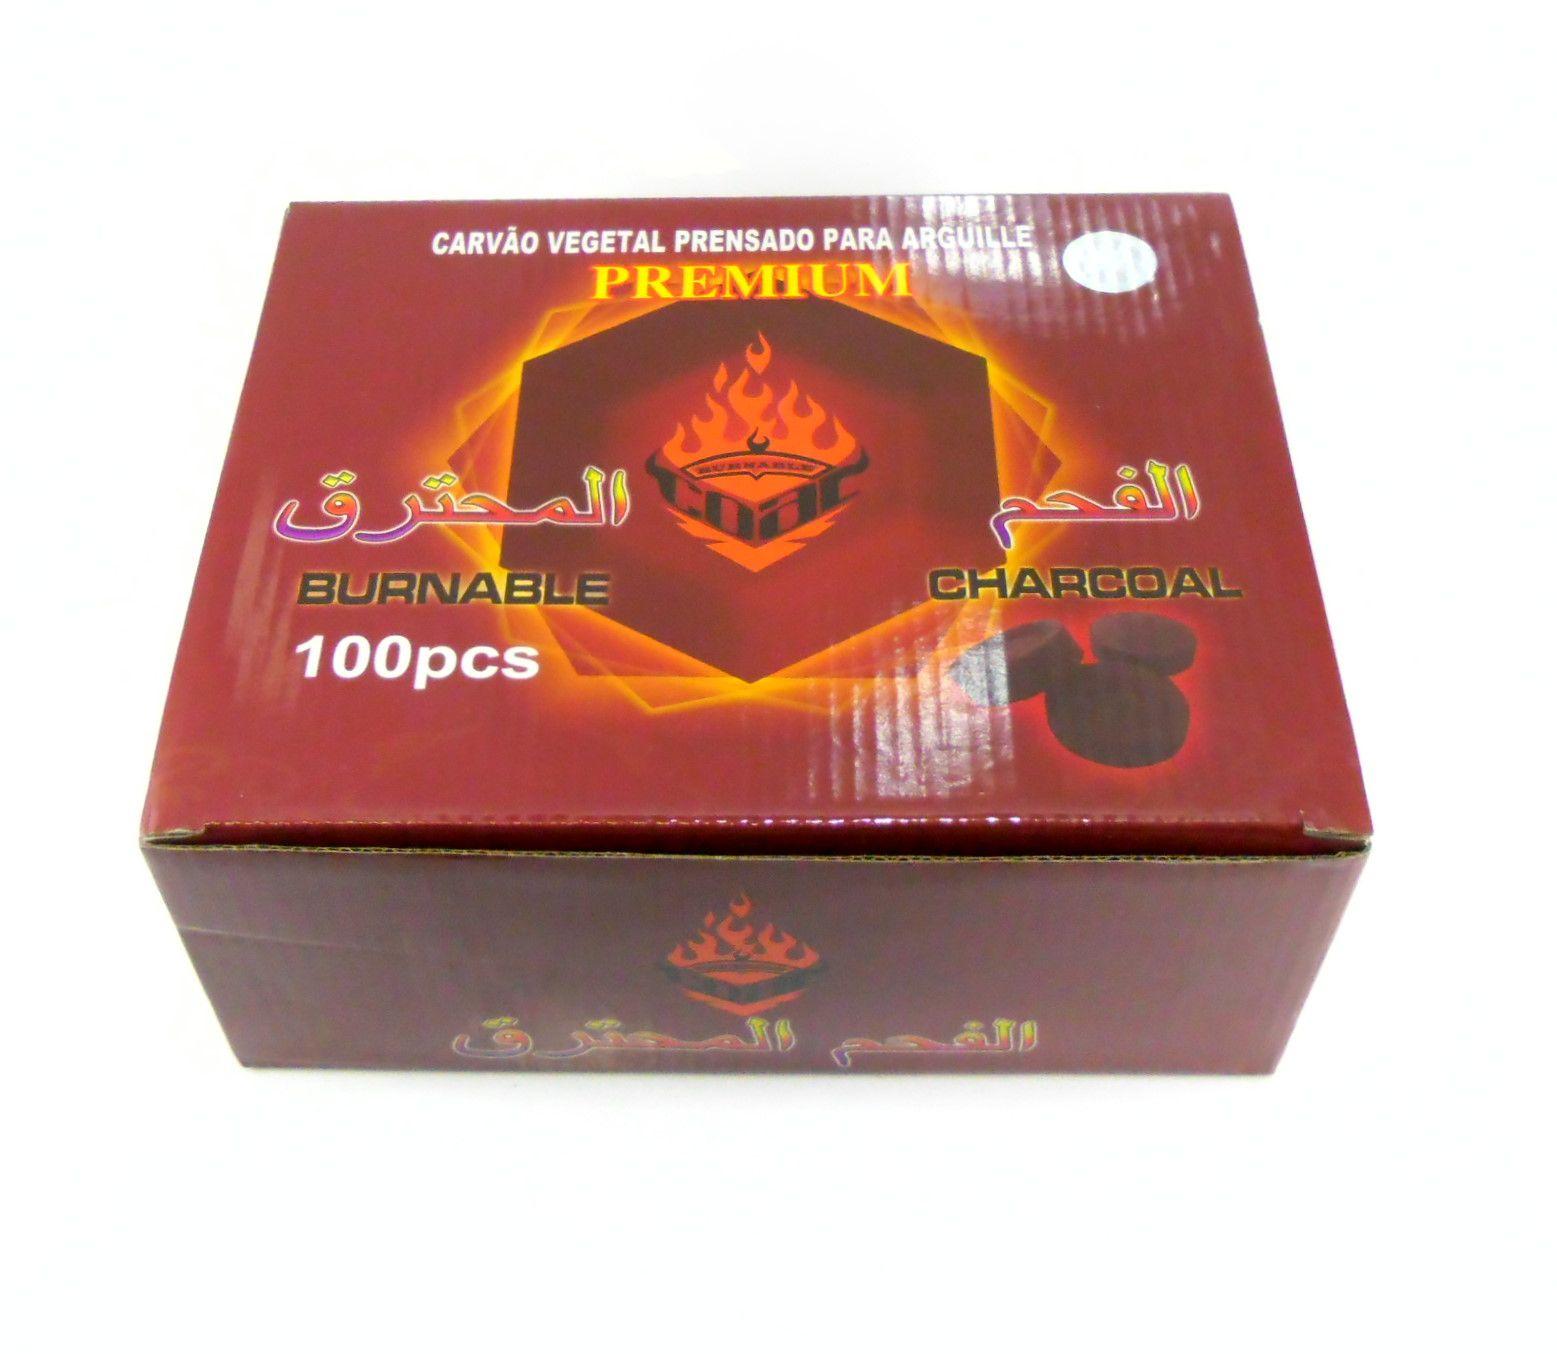 Sete (7) caixas de carvão GG BURNABLE acendimento rápido. 100 unid. por caixa.